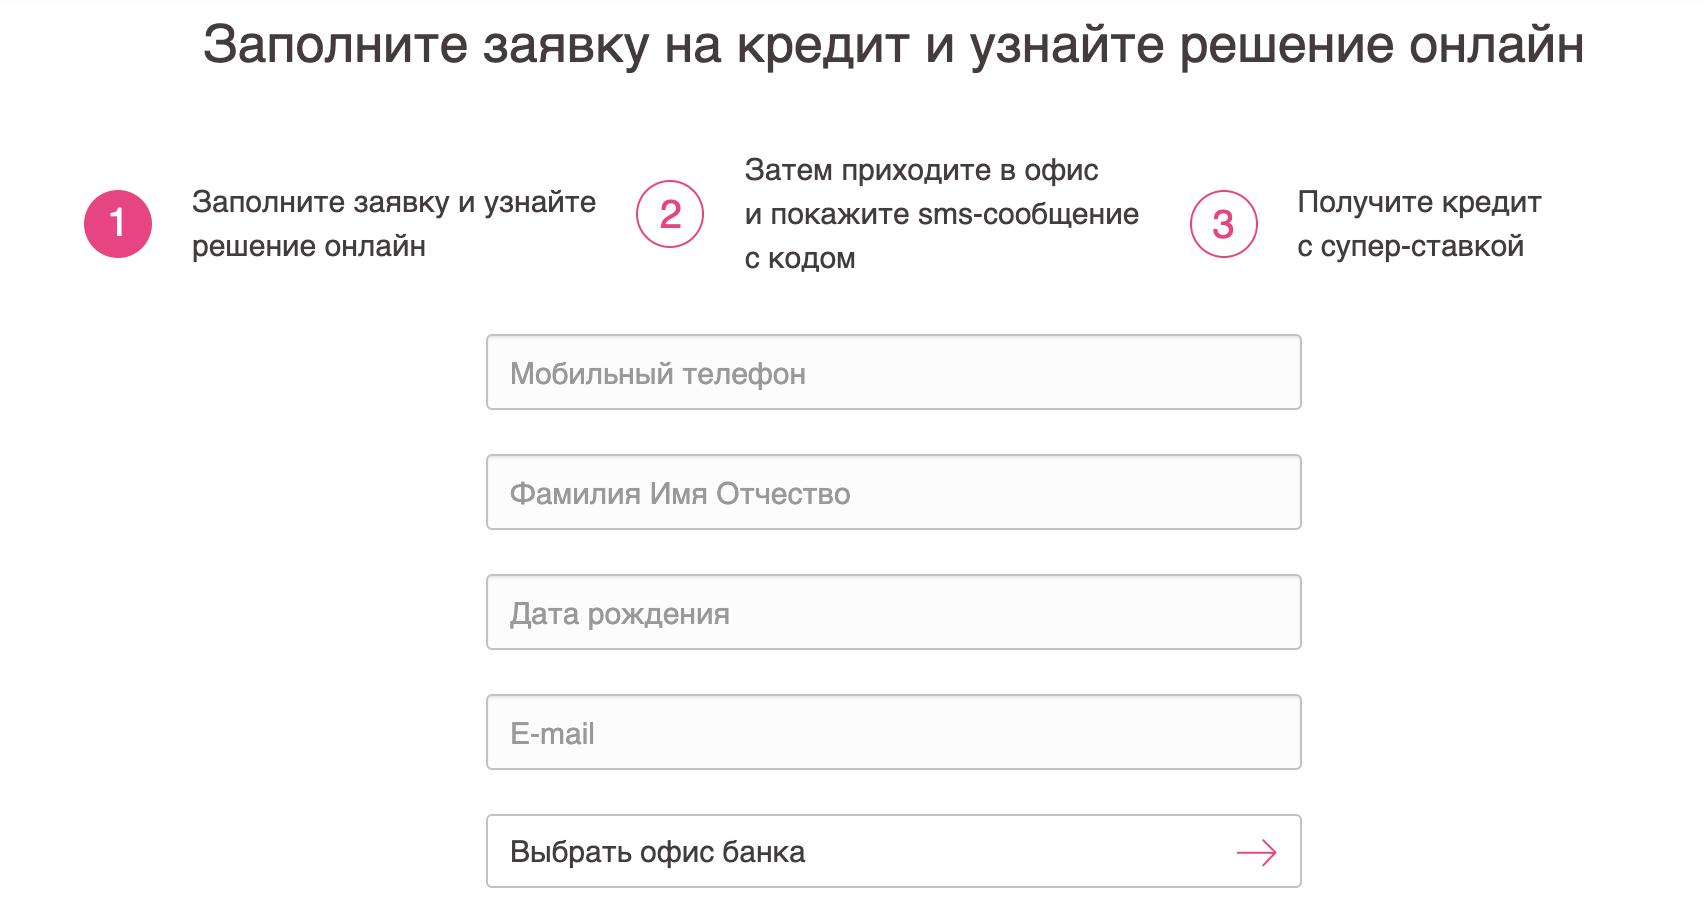 Кредит заявка онлайн